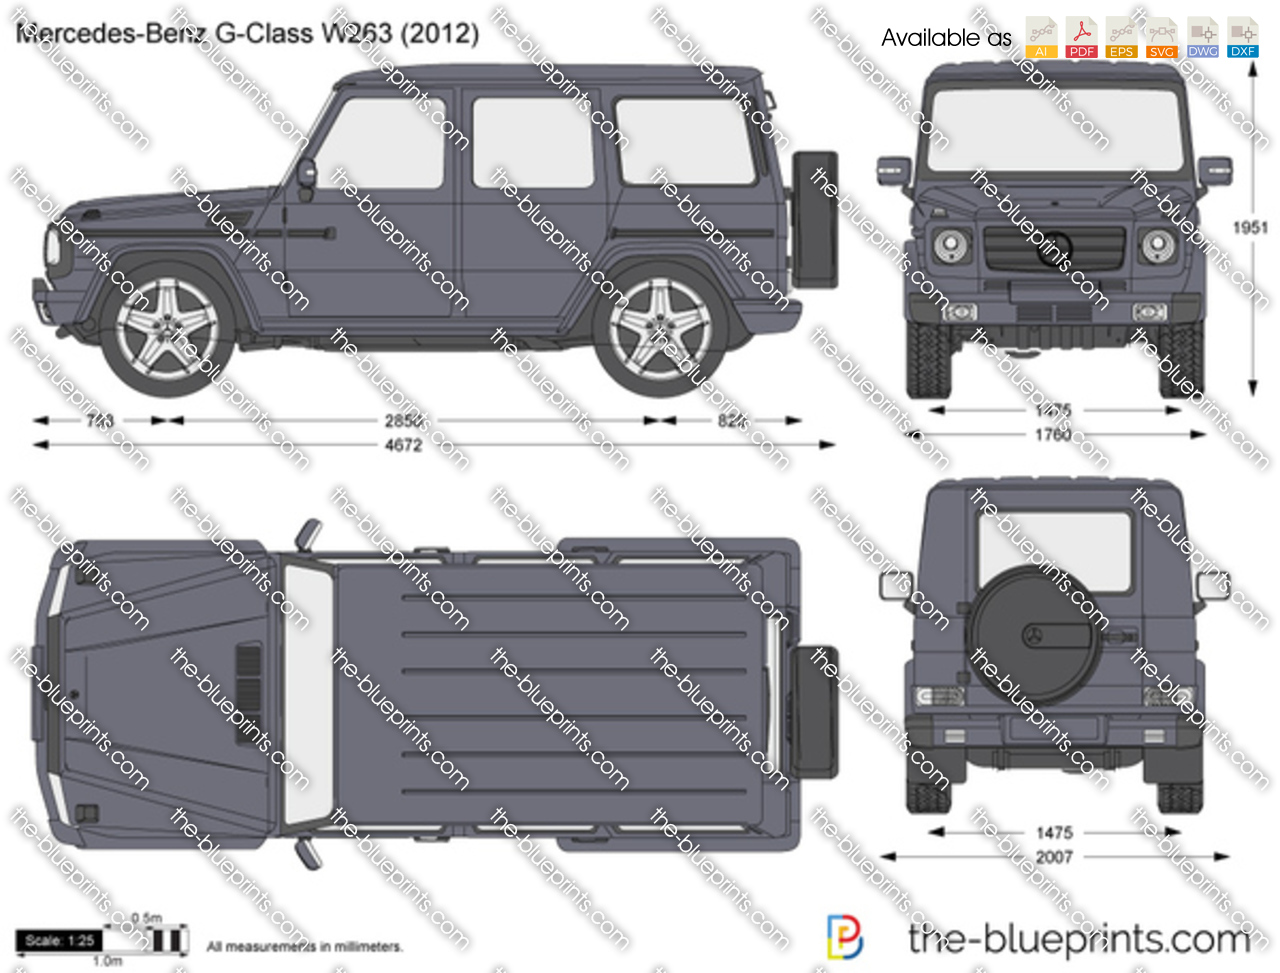 Mercedes-Benz G-Class W263